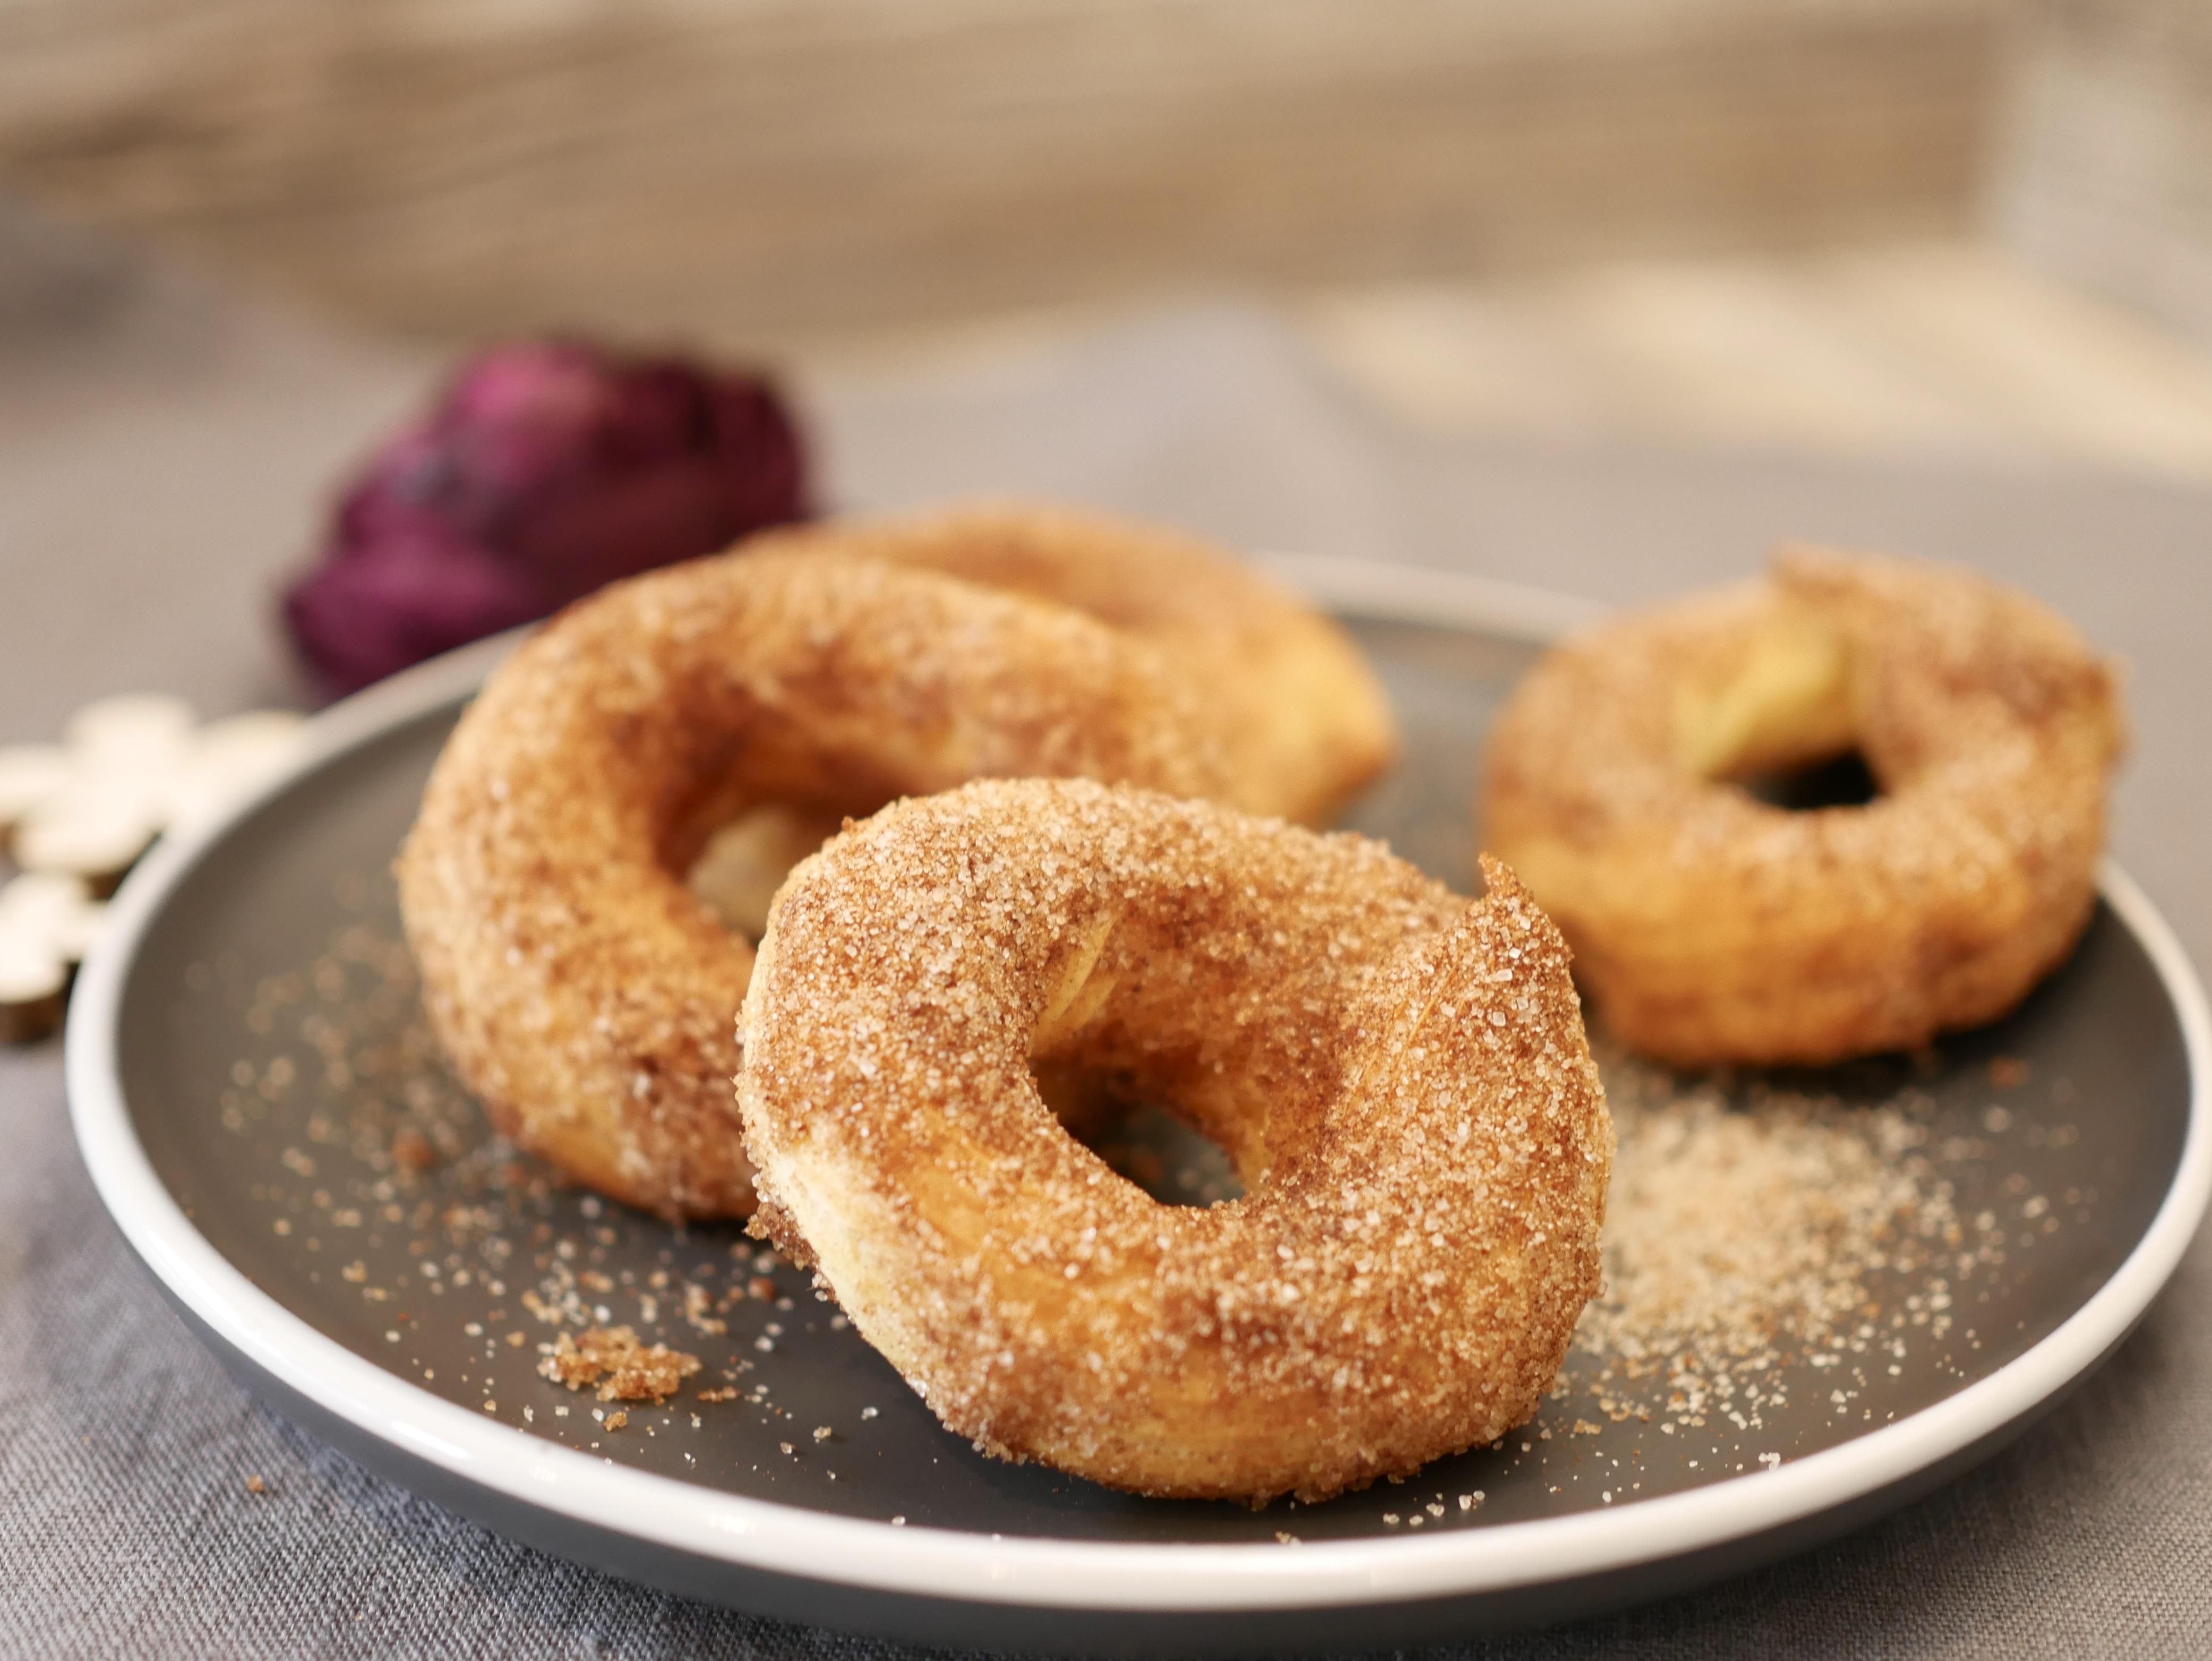 Gebäck auf Teller für Rezept Churros vom Zauberstein von Pampered Chef®